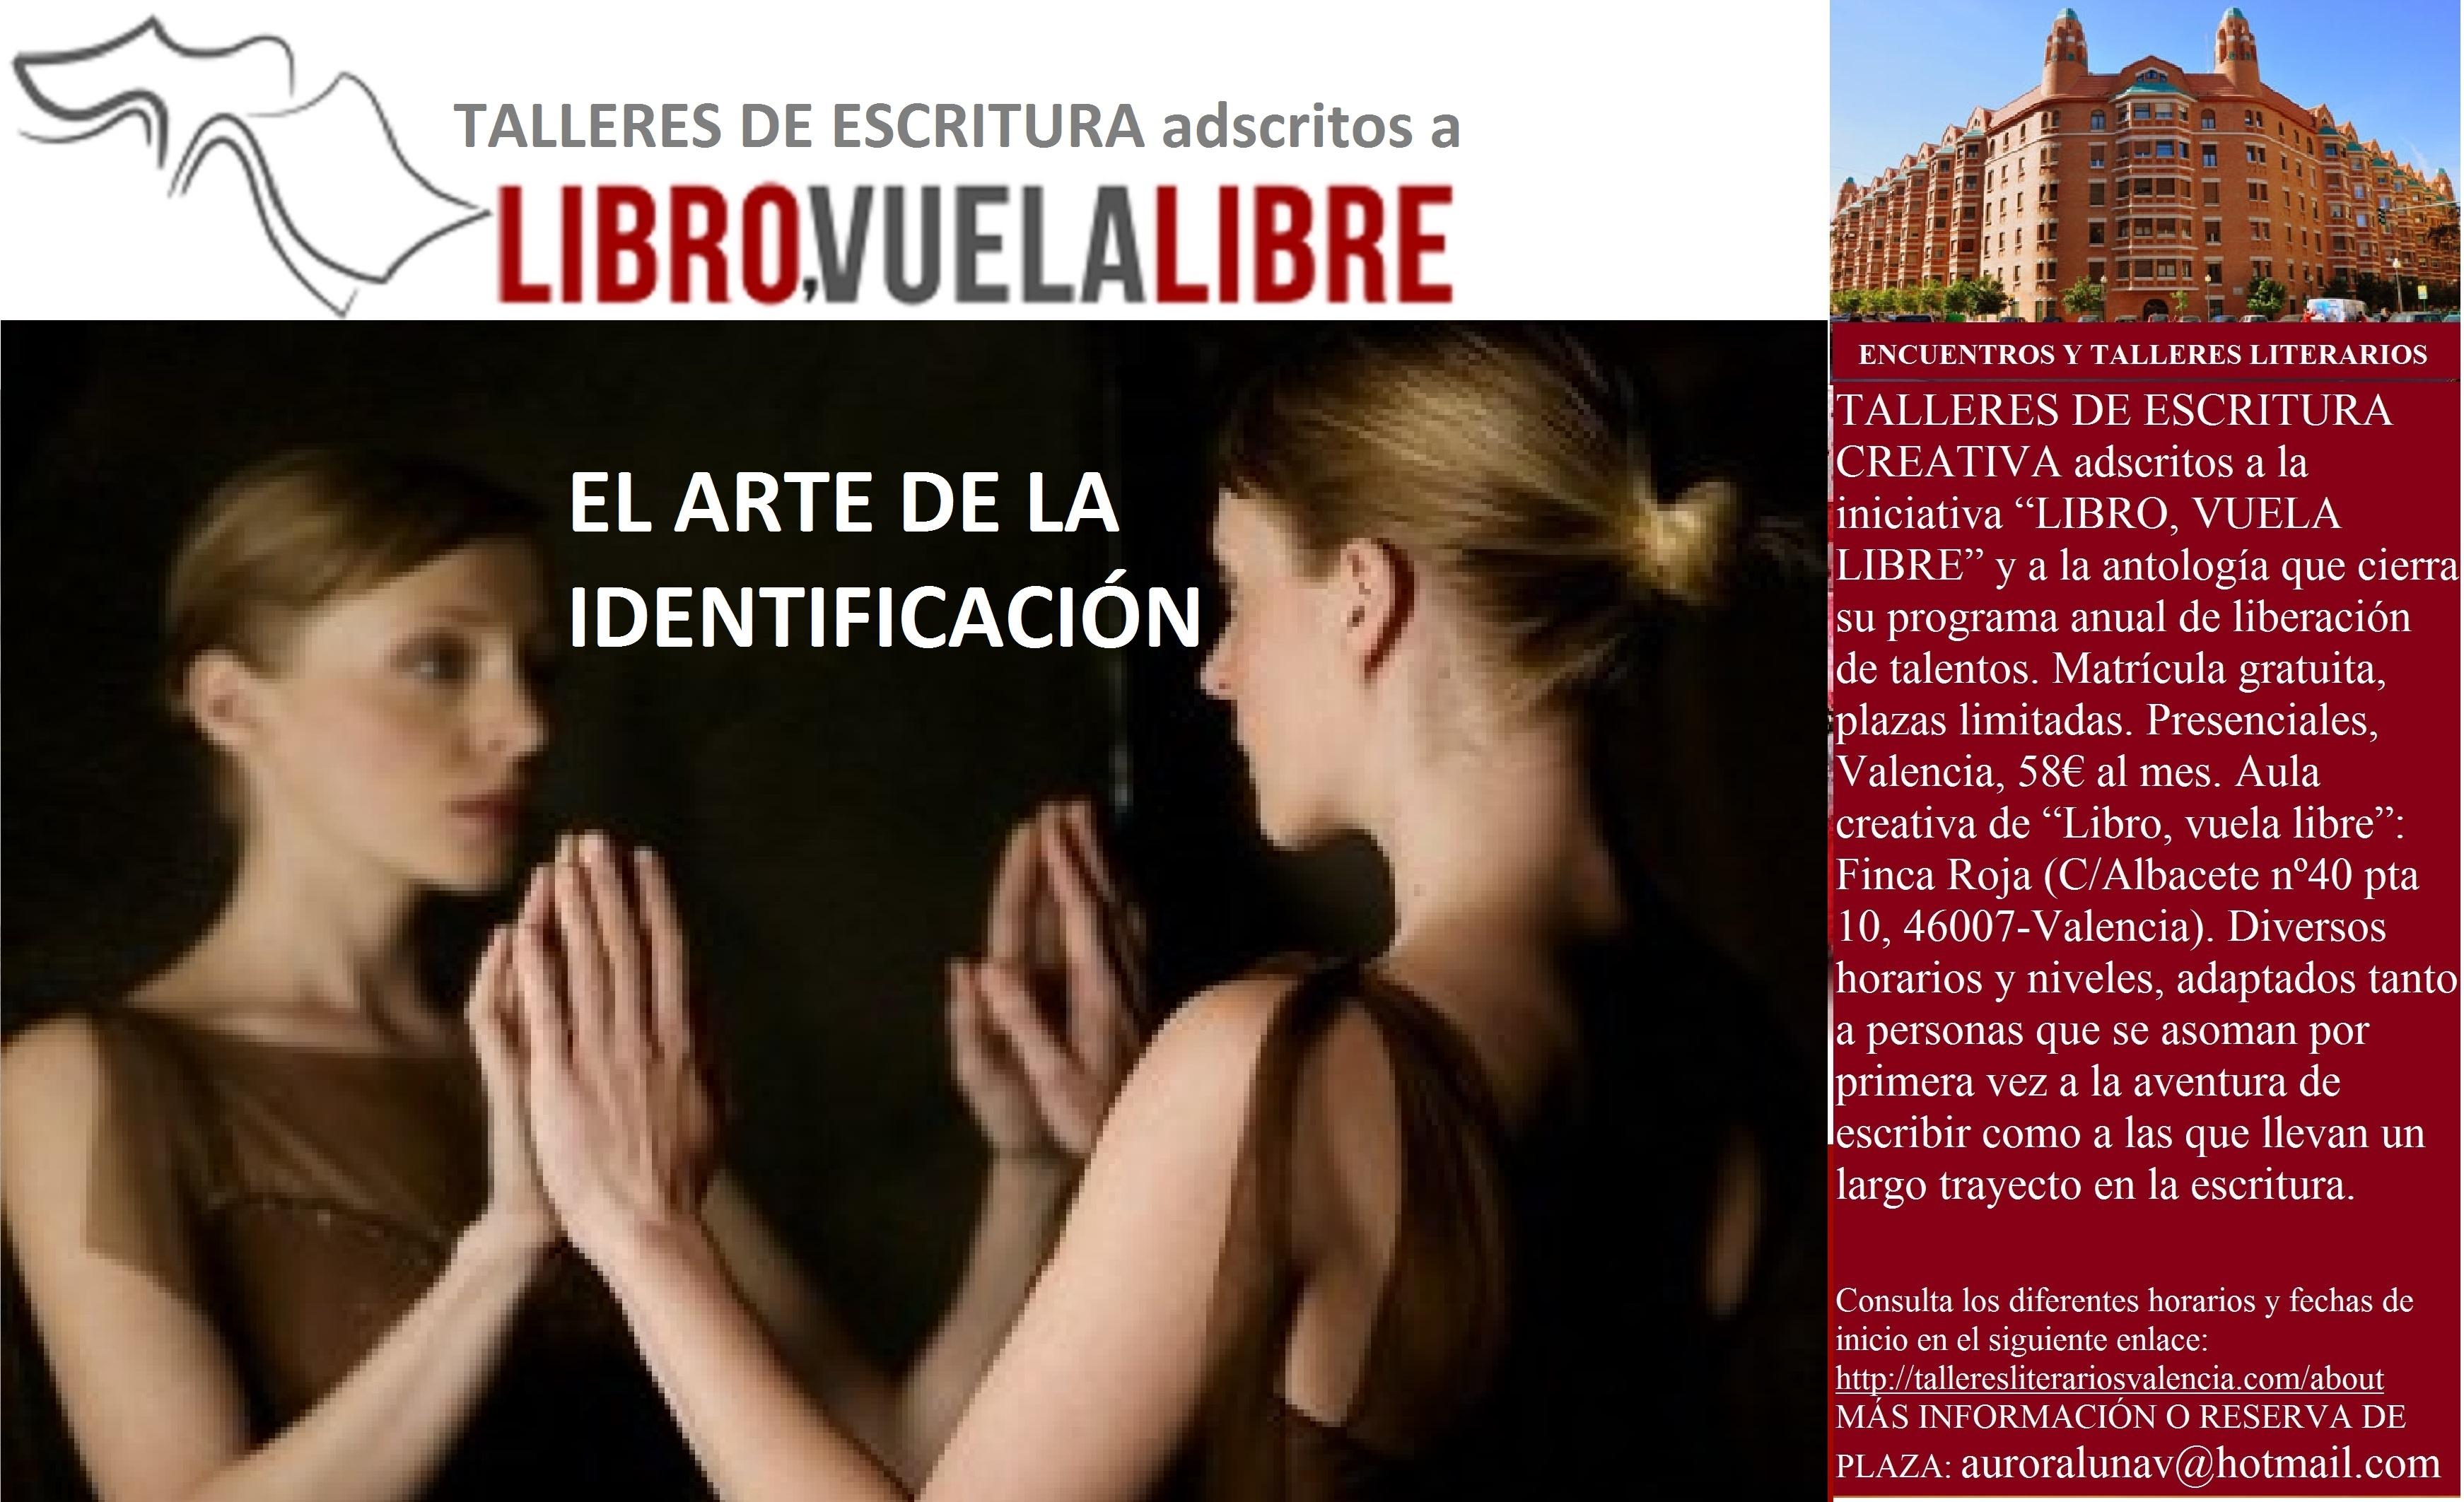 EL ARTE DE LA IDENTIFICACIÓN. Cursos y talleres de escritura creativa en Valencia. Clave I-23